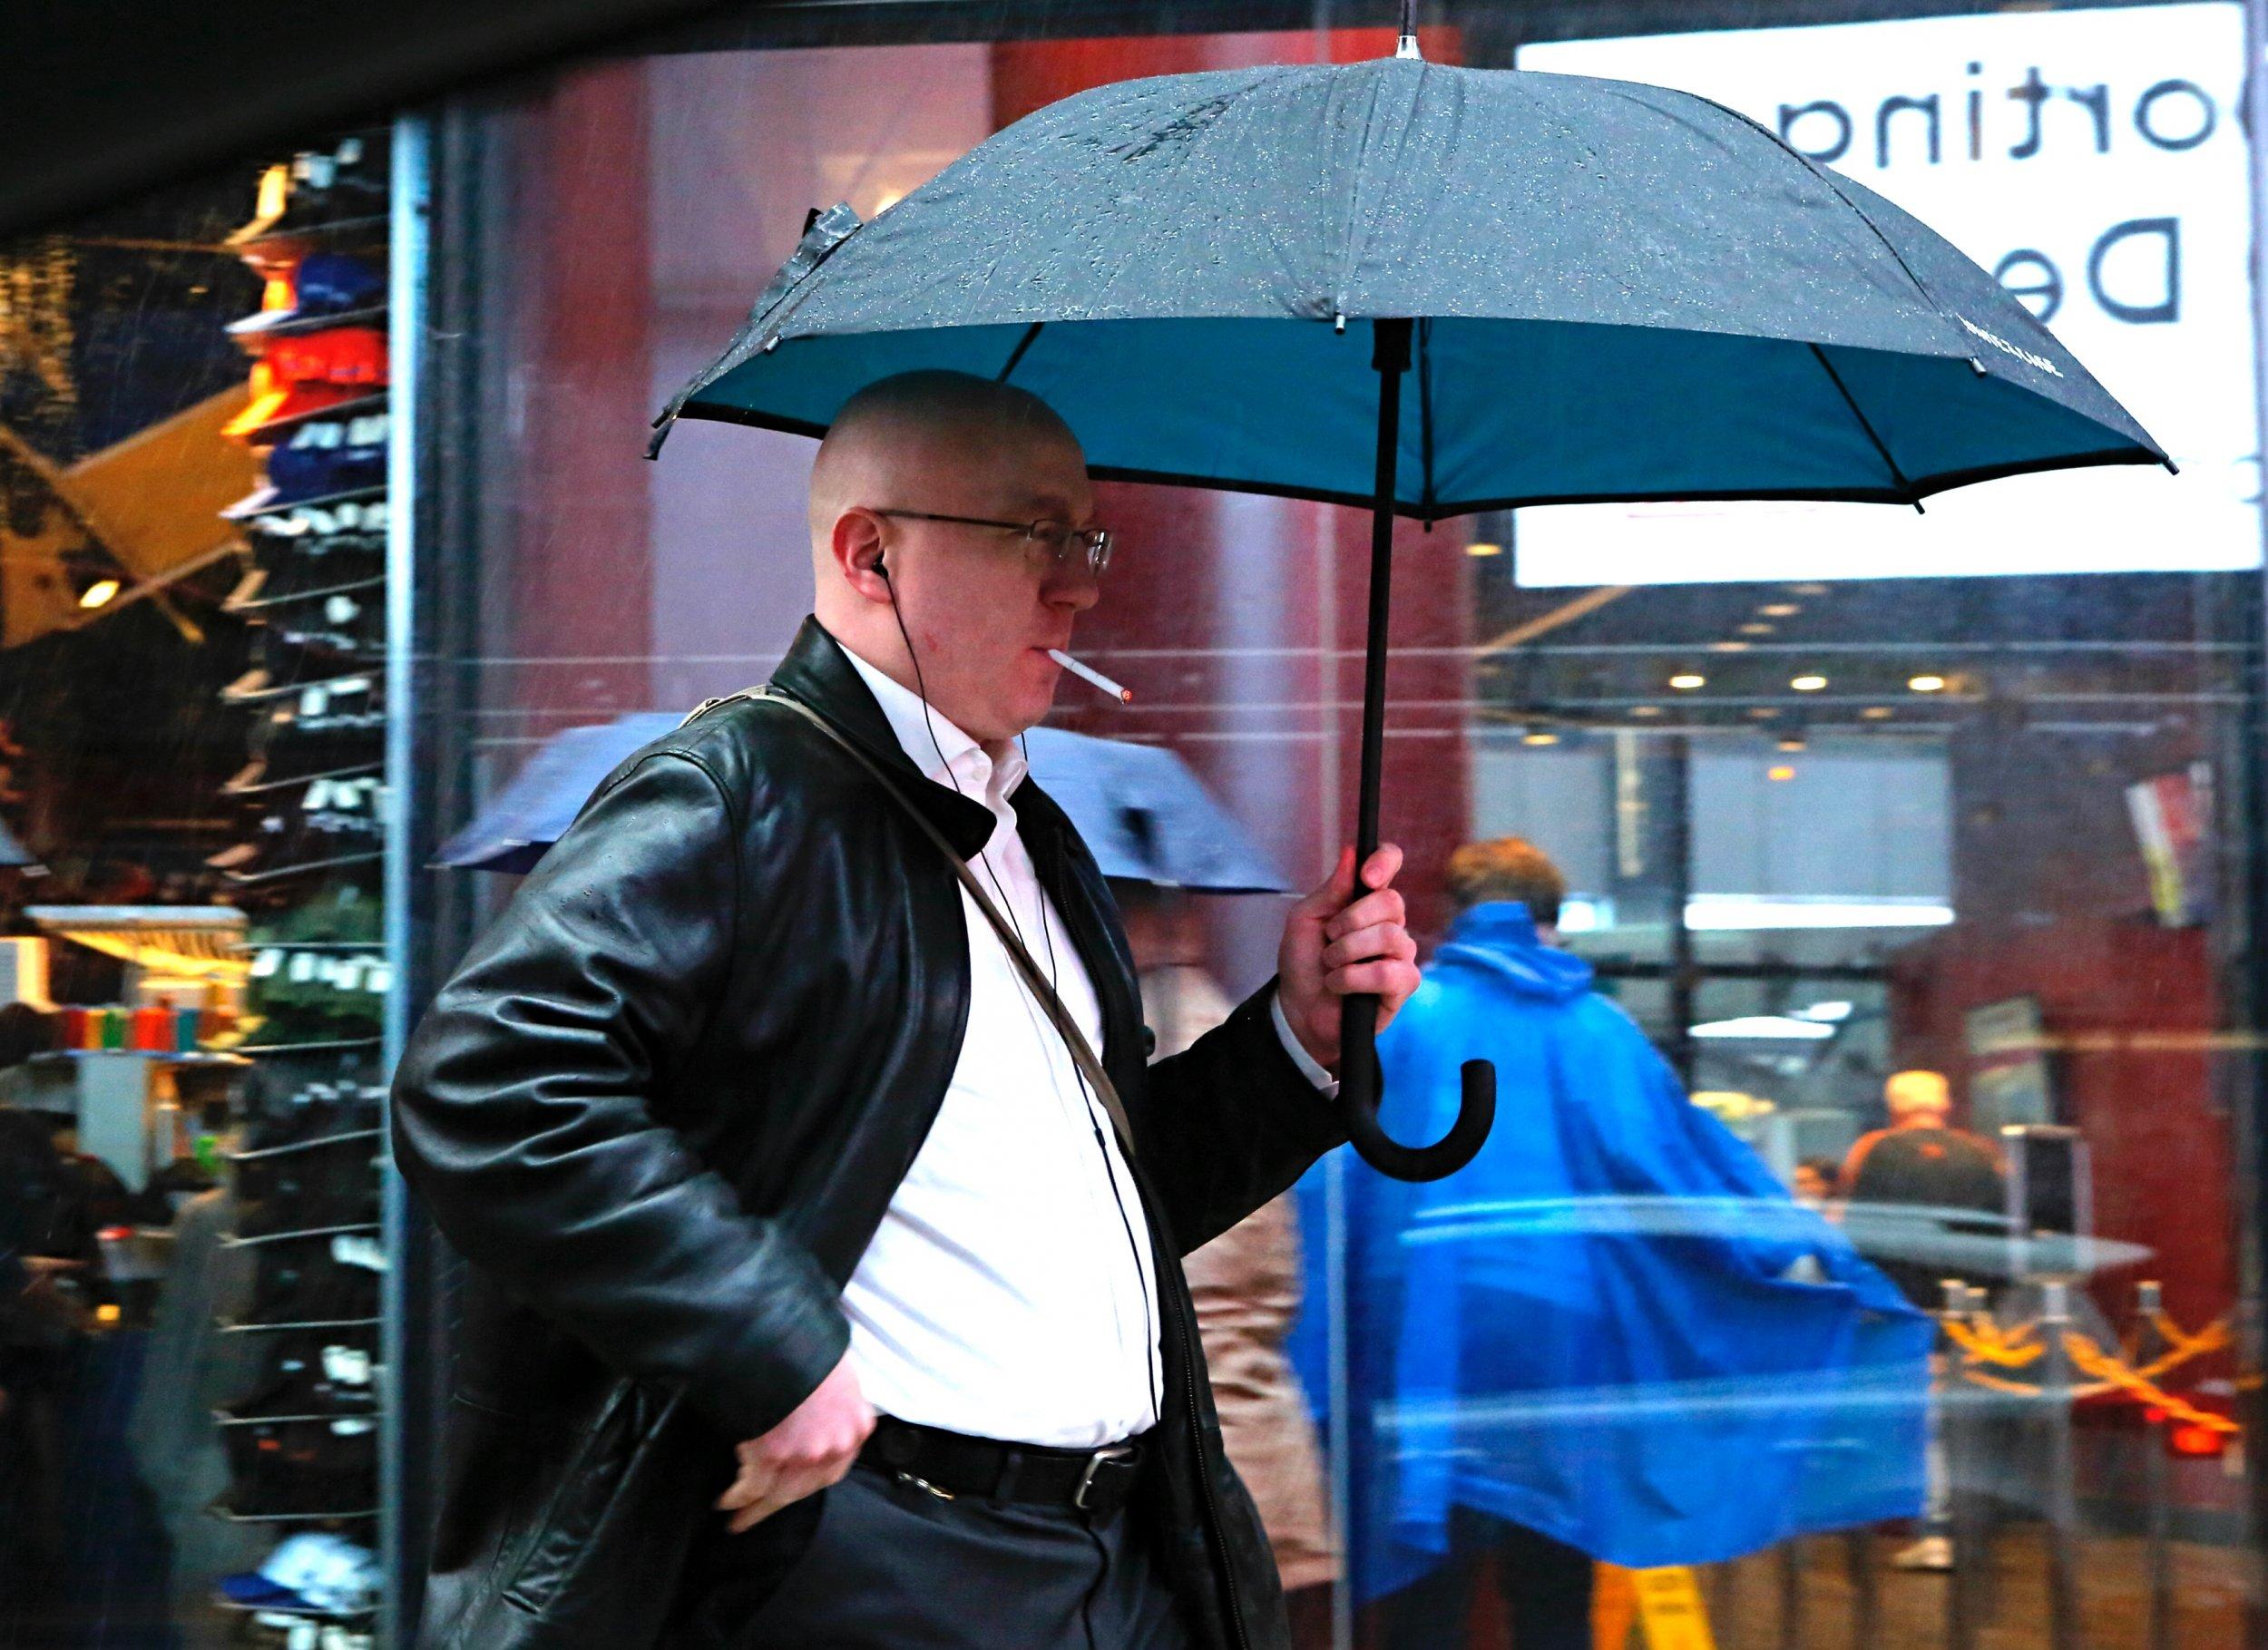 smoker rain new york